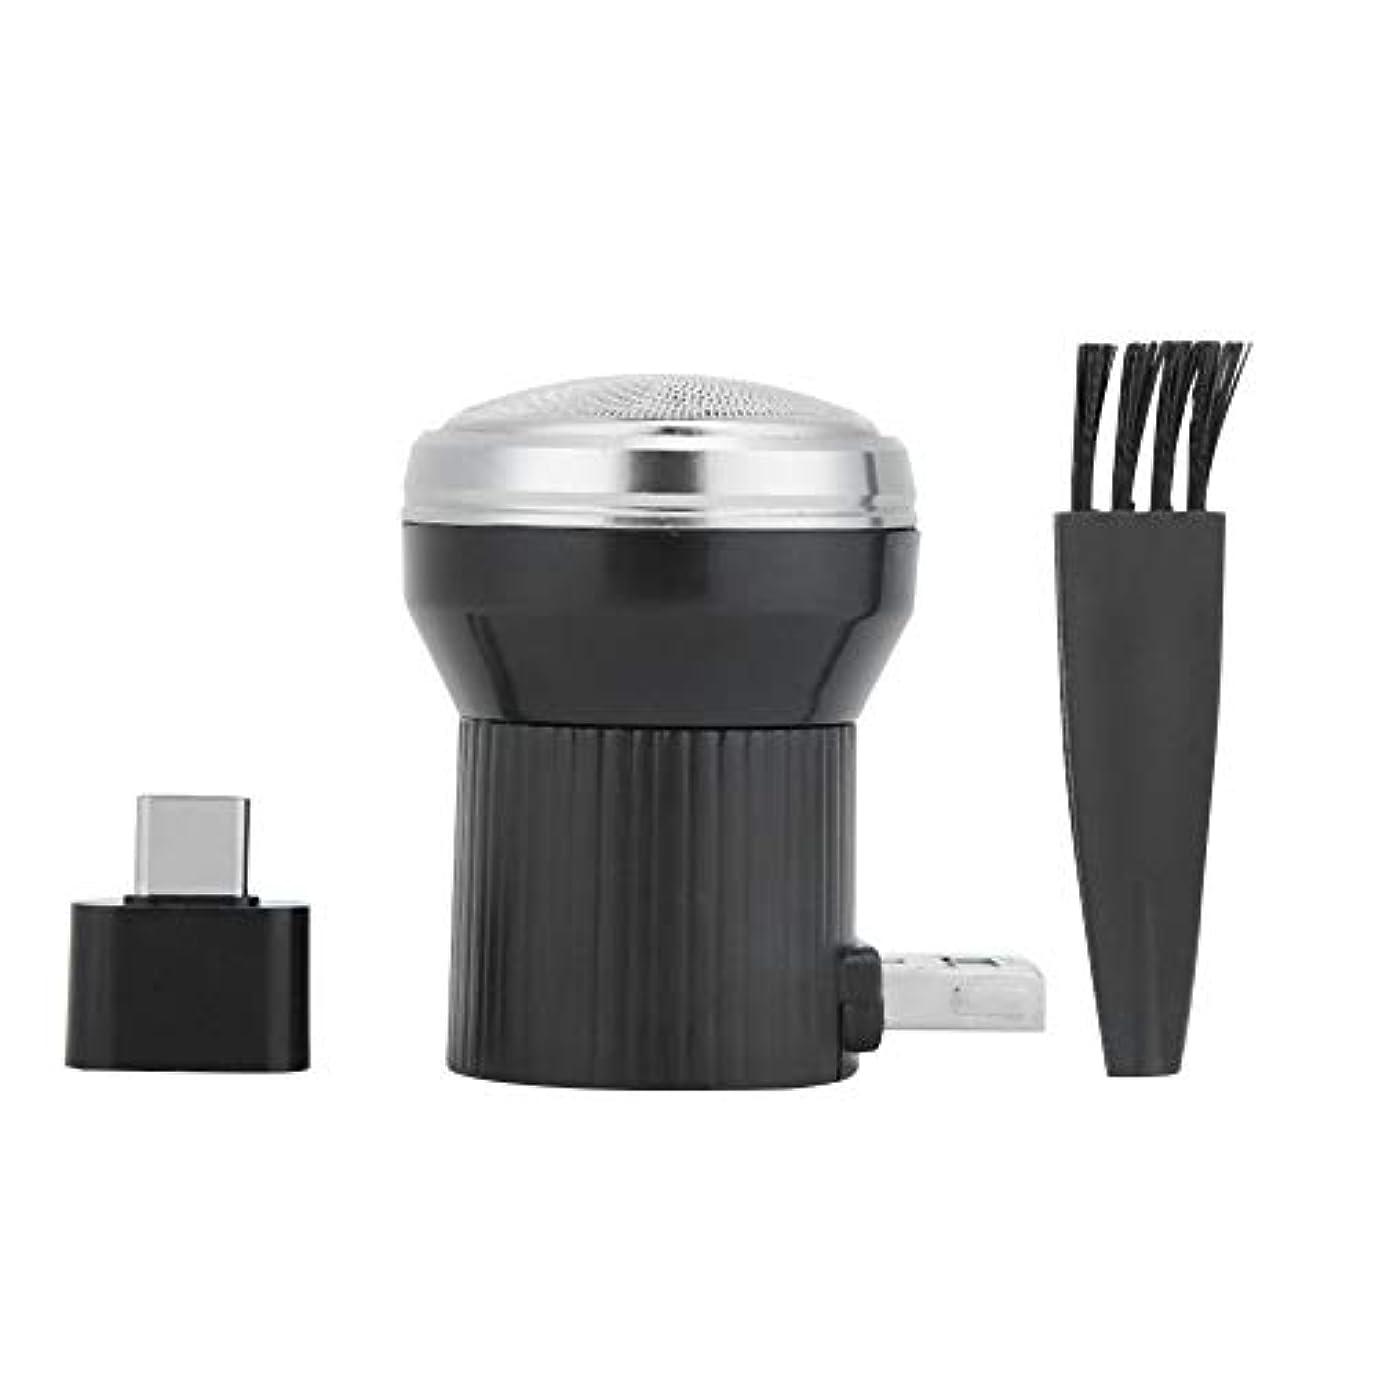 市の花グラム矛盾するDC5V 4.5W メンズシェーバー 髭剃り 回転式 USBシェーバー 携帯電話/USB充電式 持ち運び便利 電気シェーバー USBポート